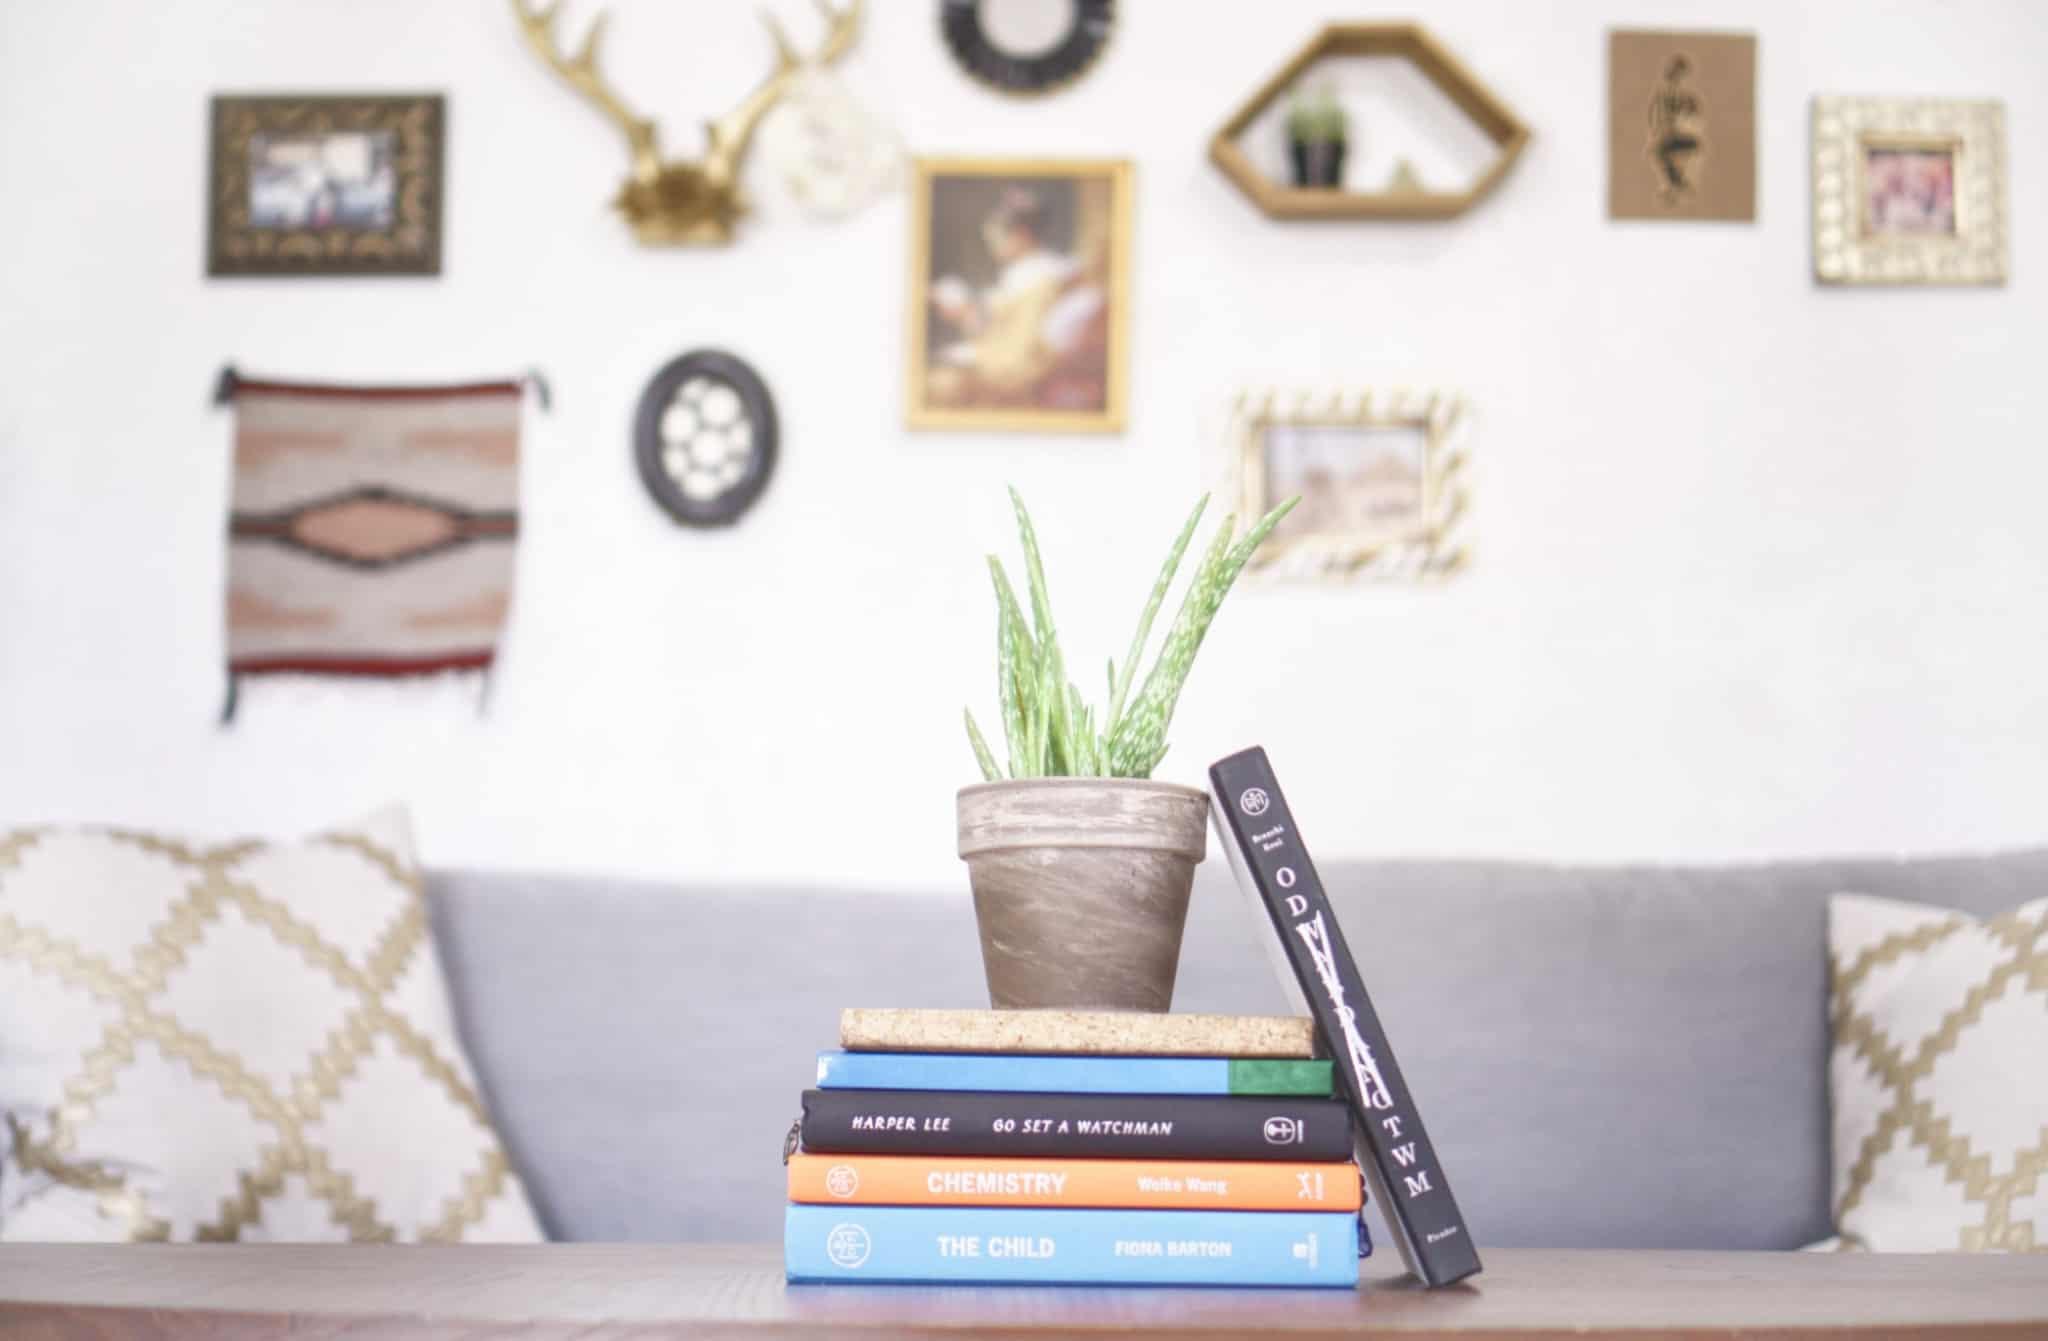 mesa central com livros e uma parede com vários quadros